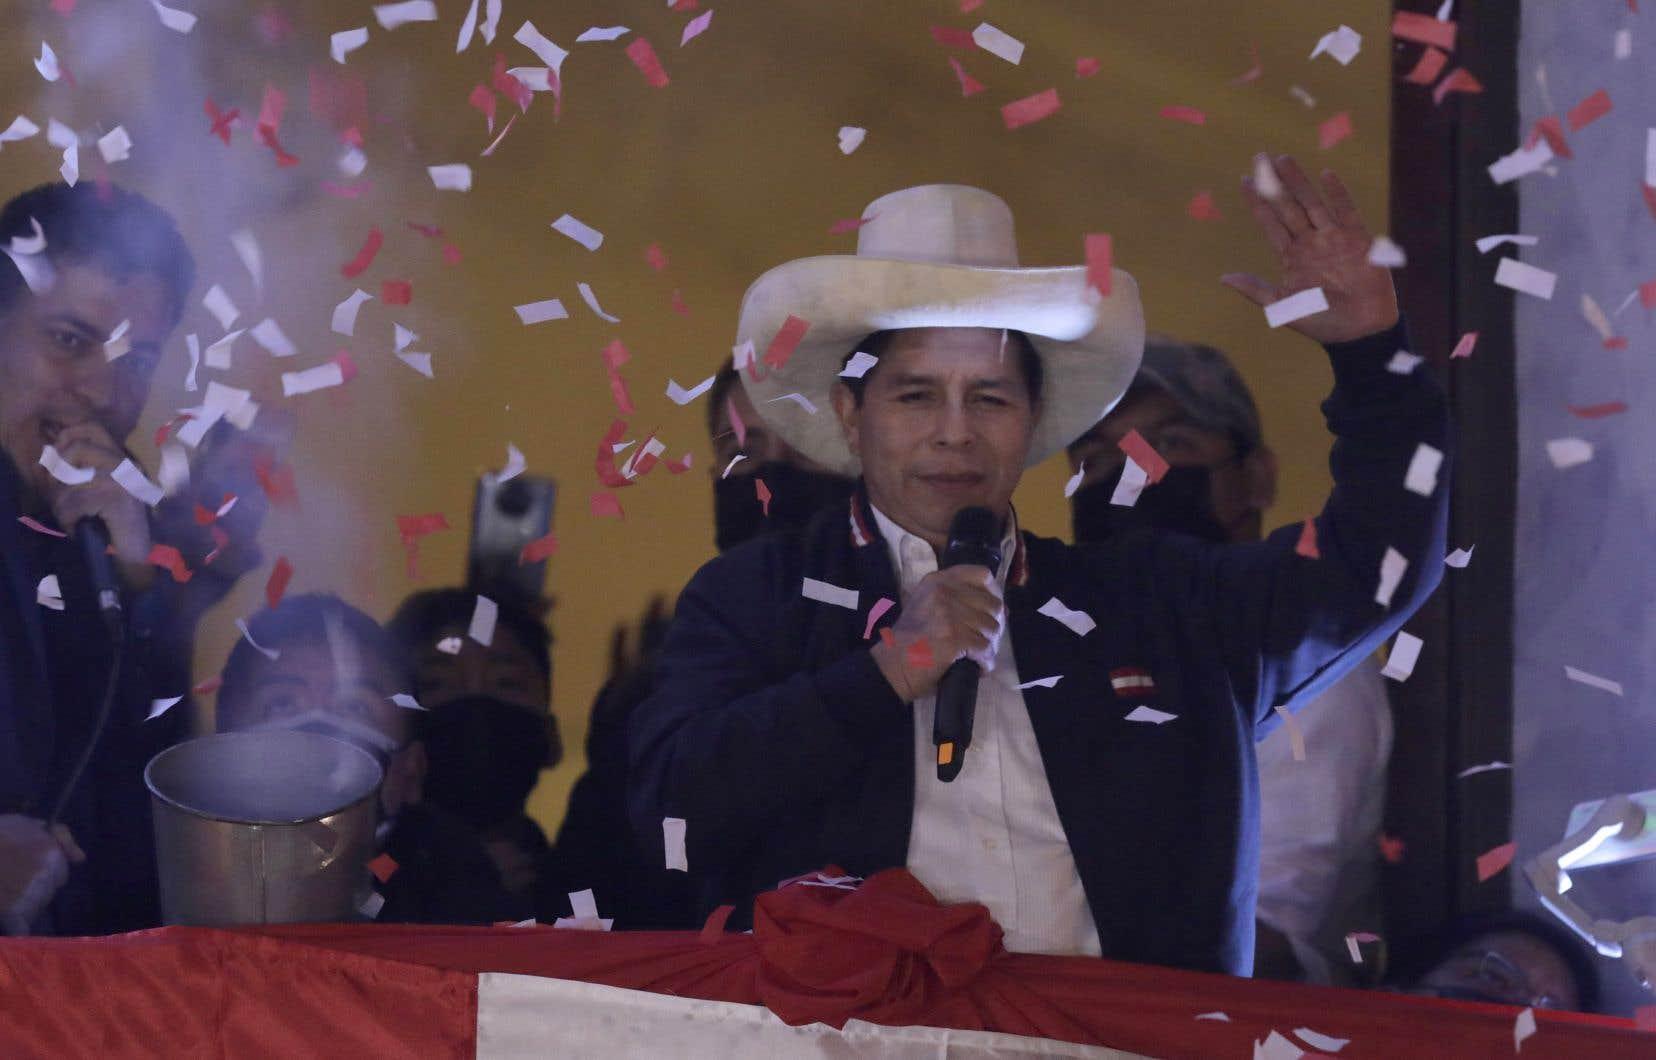 Le candidat de la gauche radicale, Pedro Castillo, a été proclamé lundi vainqueur de l'élection présidentielle au Pérou par l'autorité électorale.